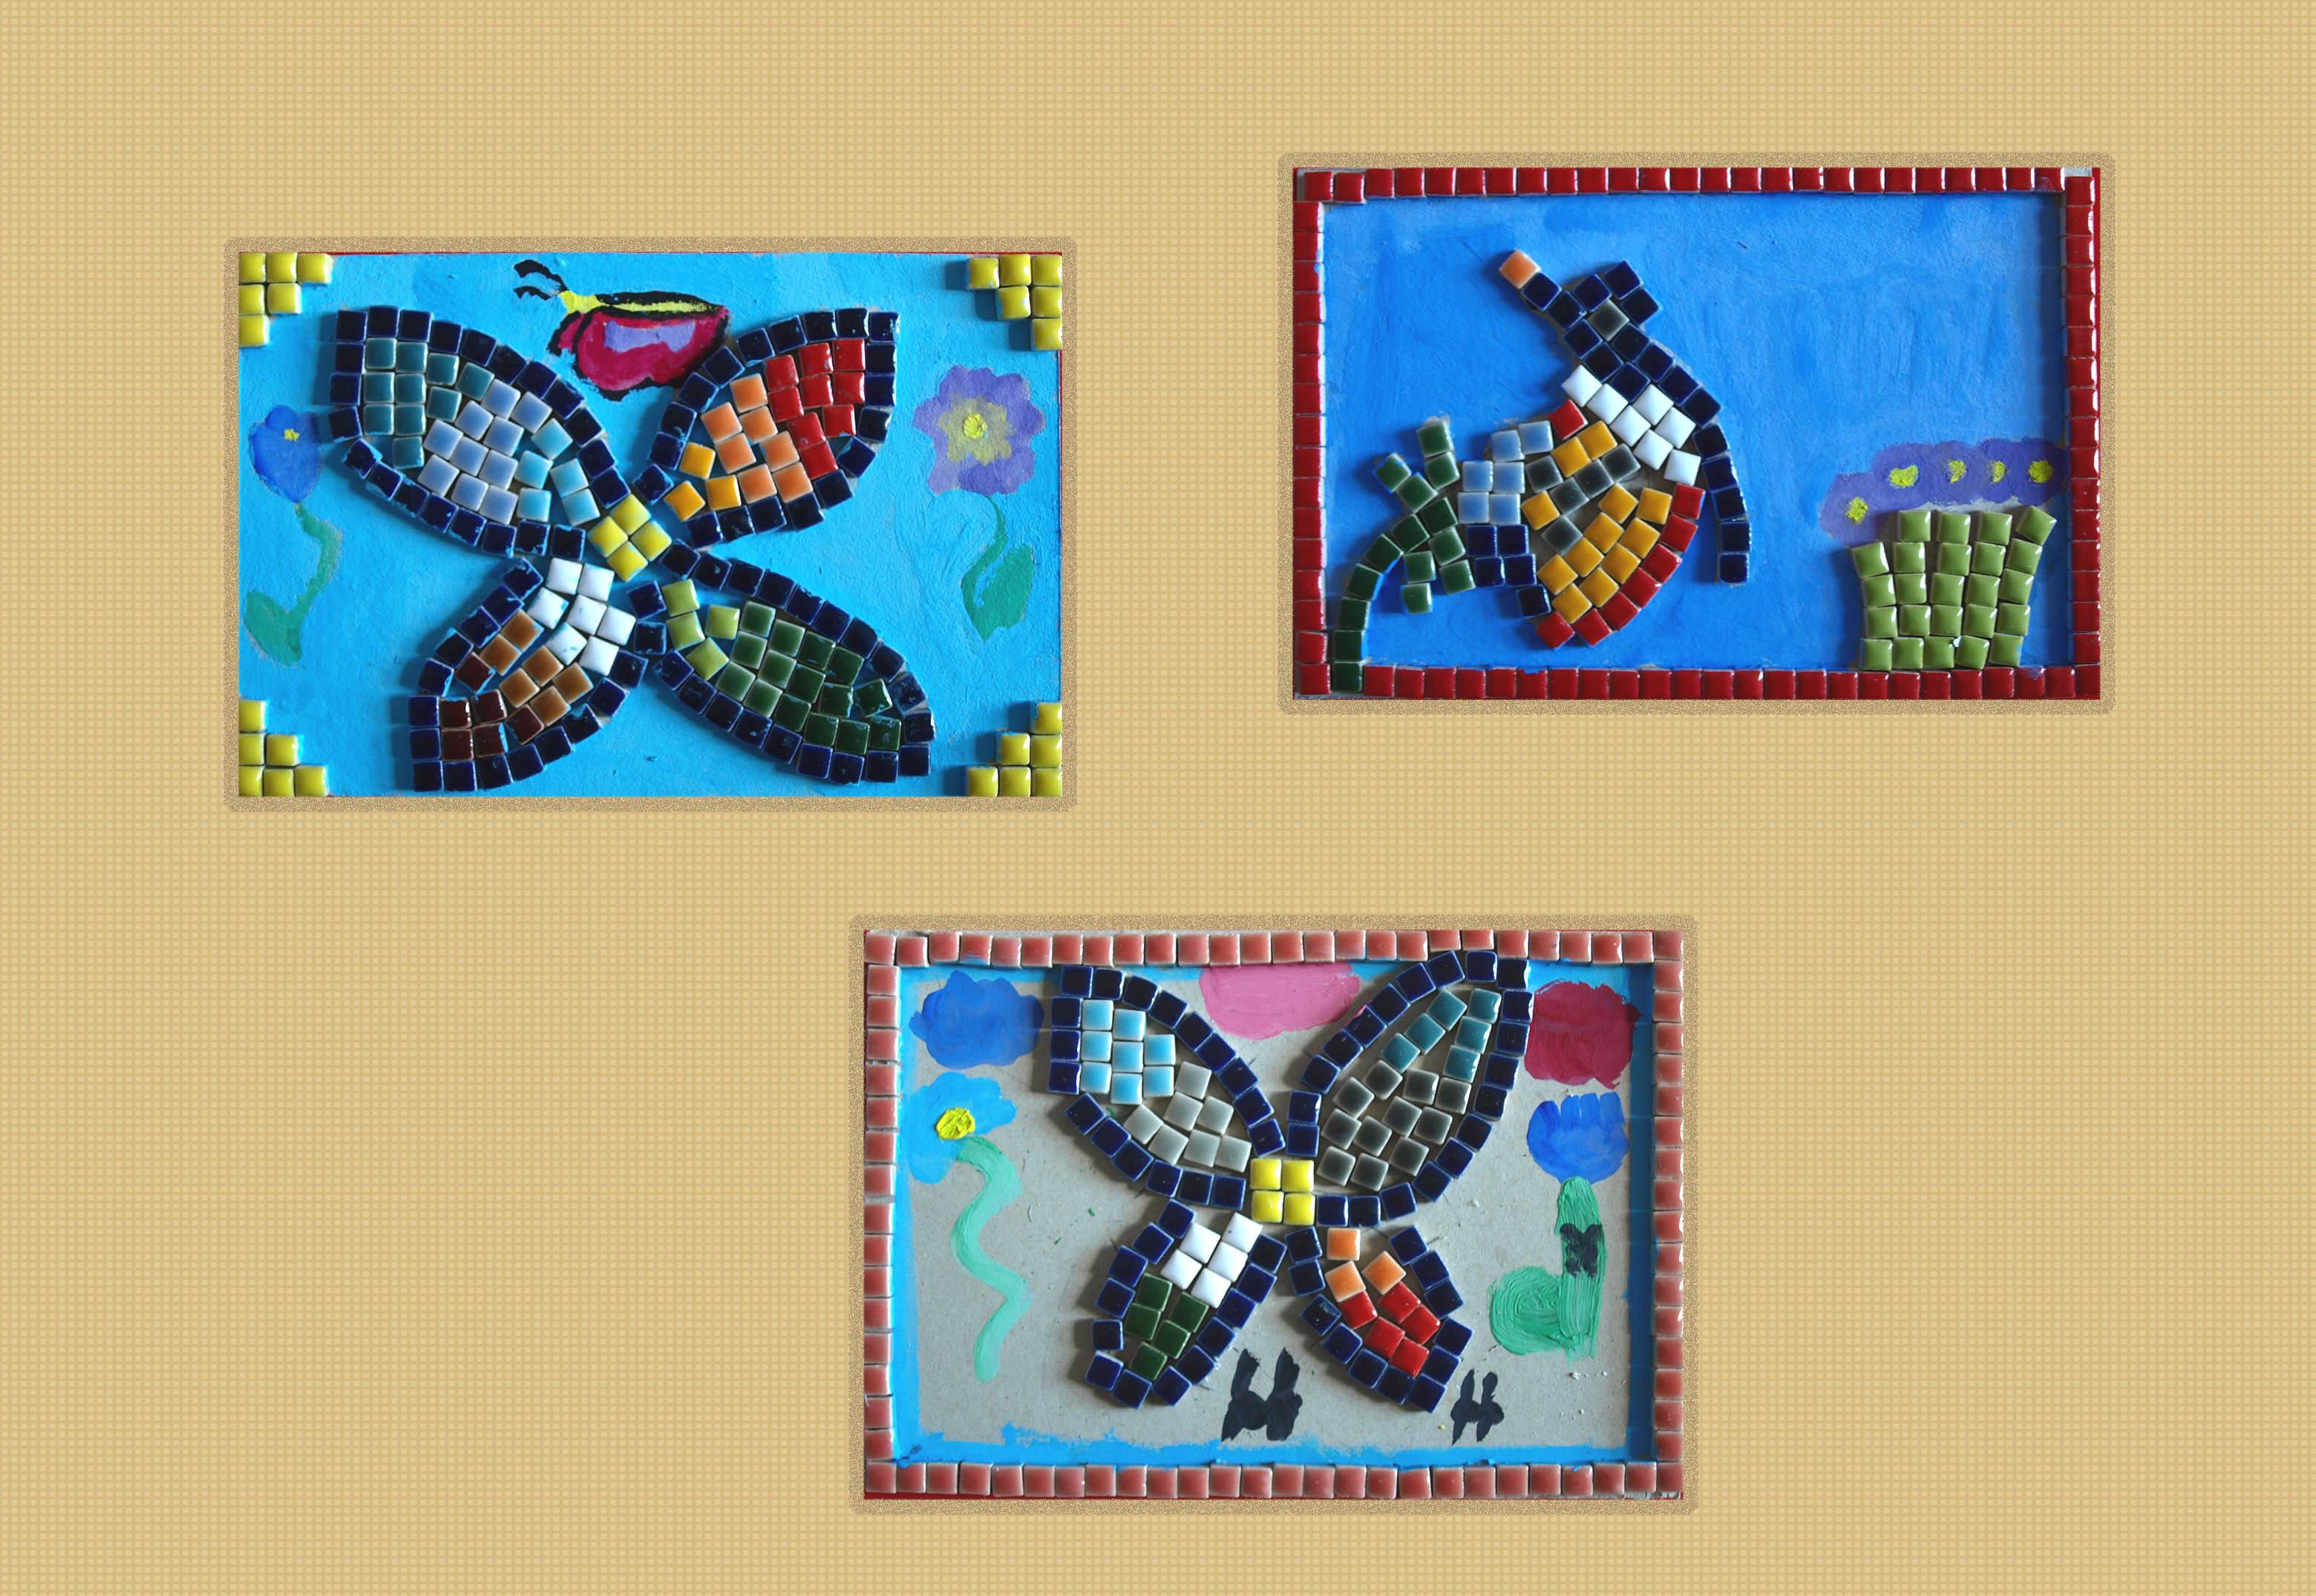 la mosa que romaine atelier d 39 arts plastiques pour enfants. Black Bedroom Furniture Sets. Home Design Ideas